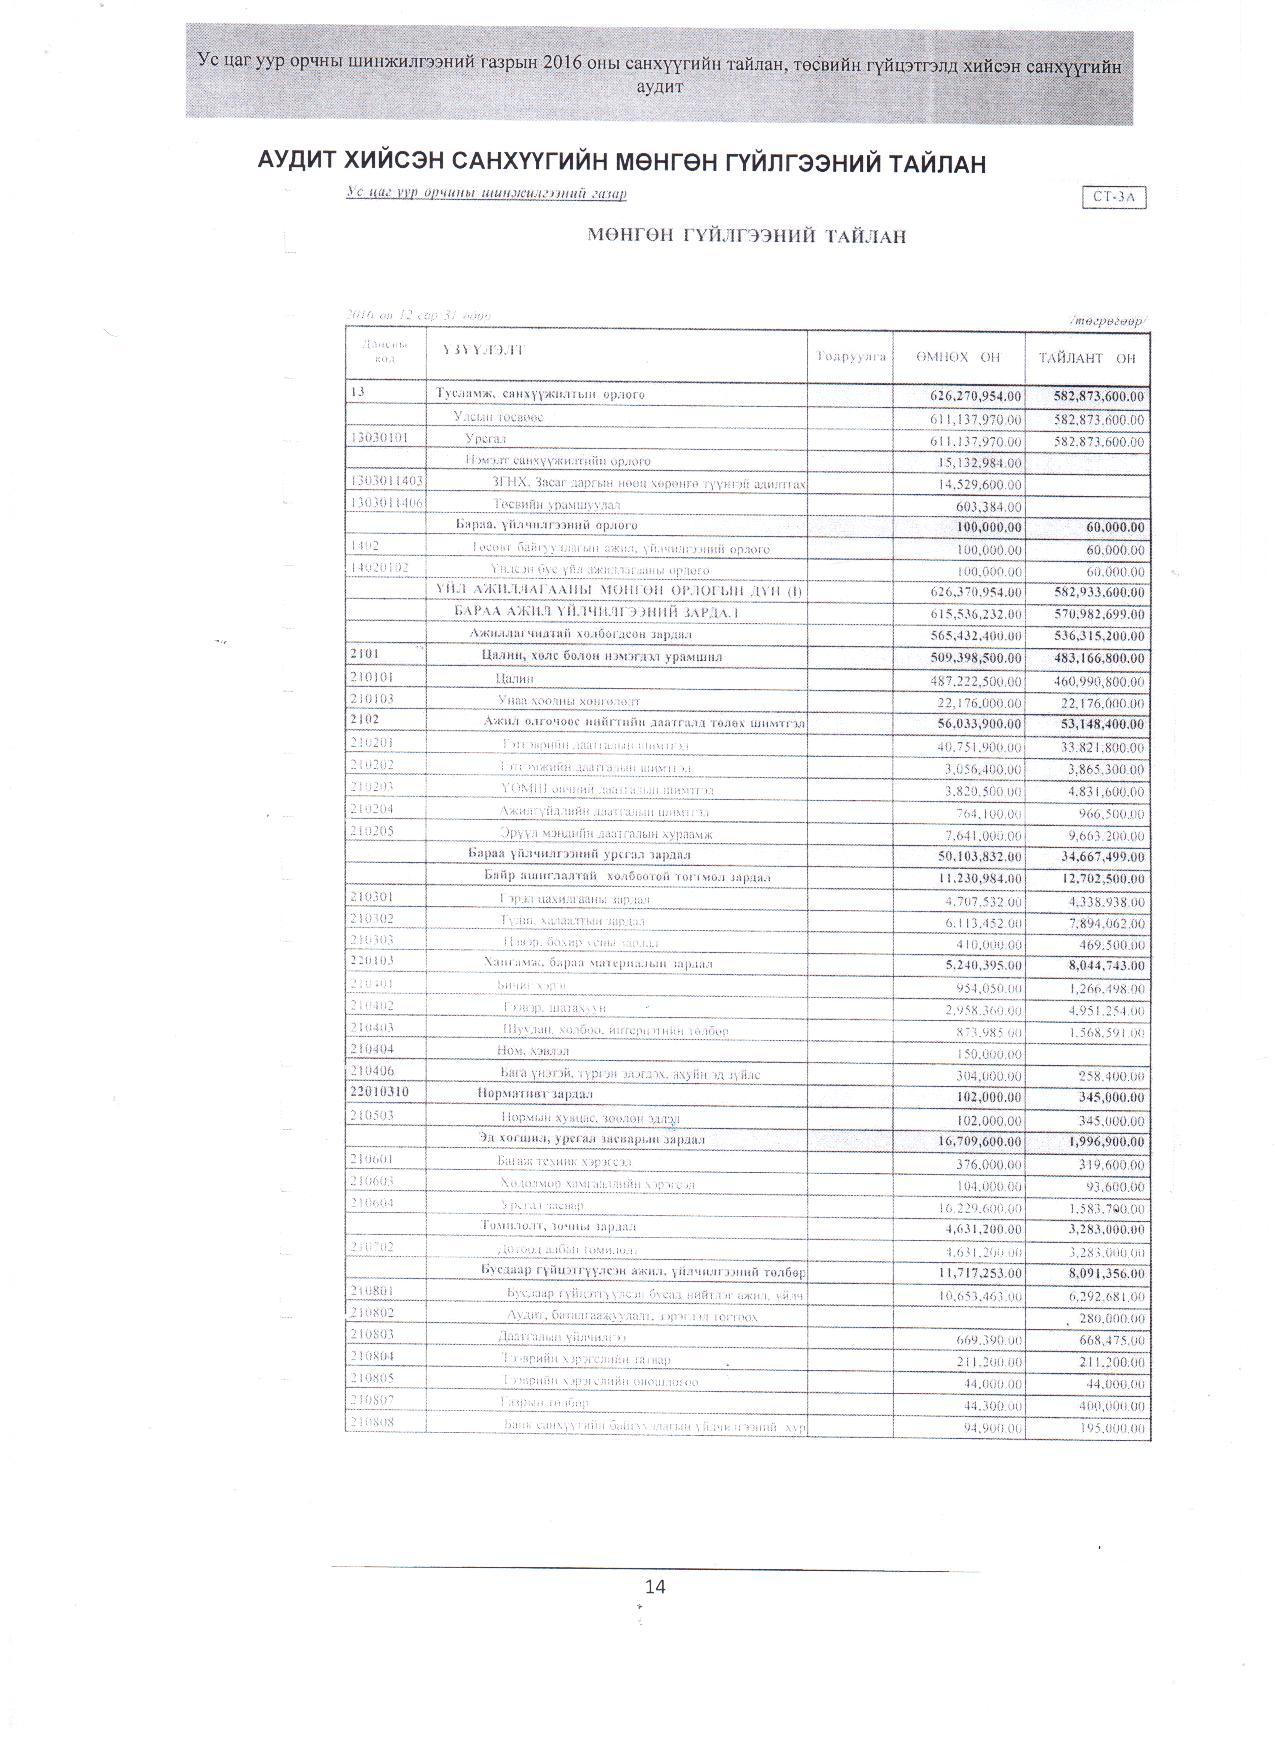 audit17